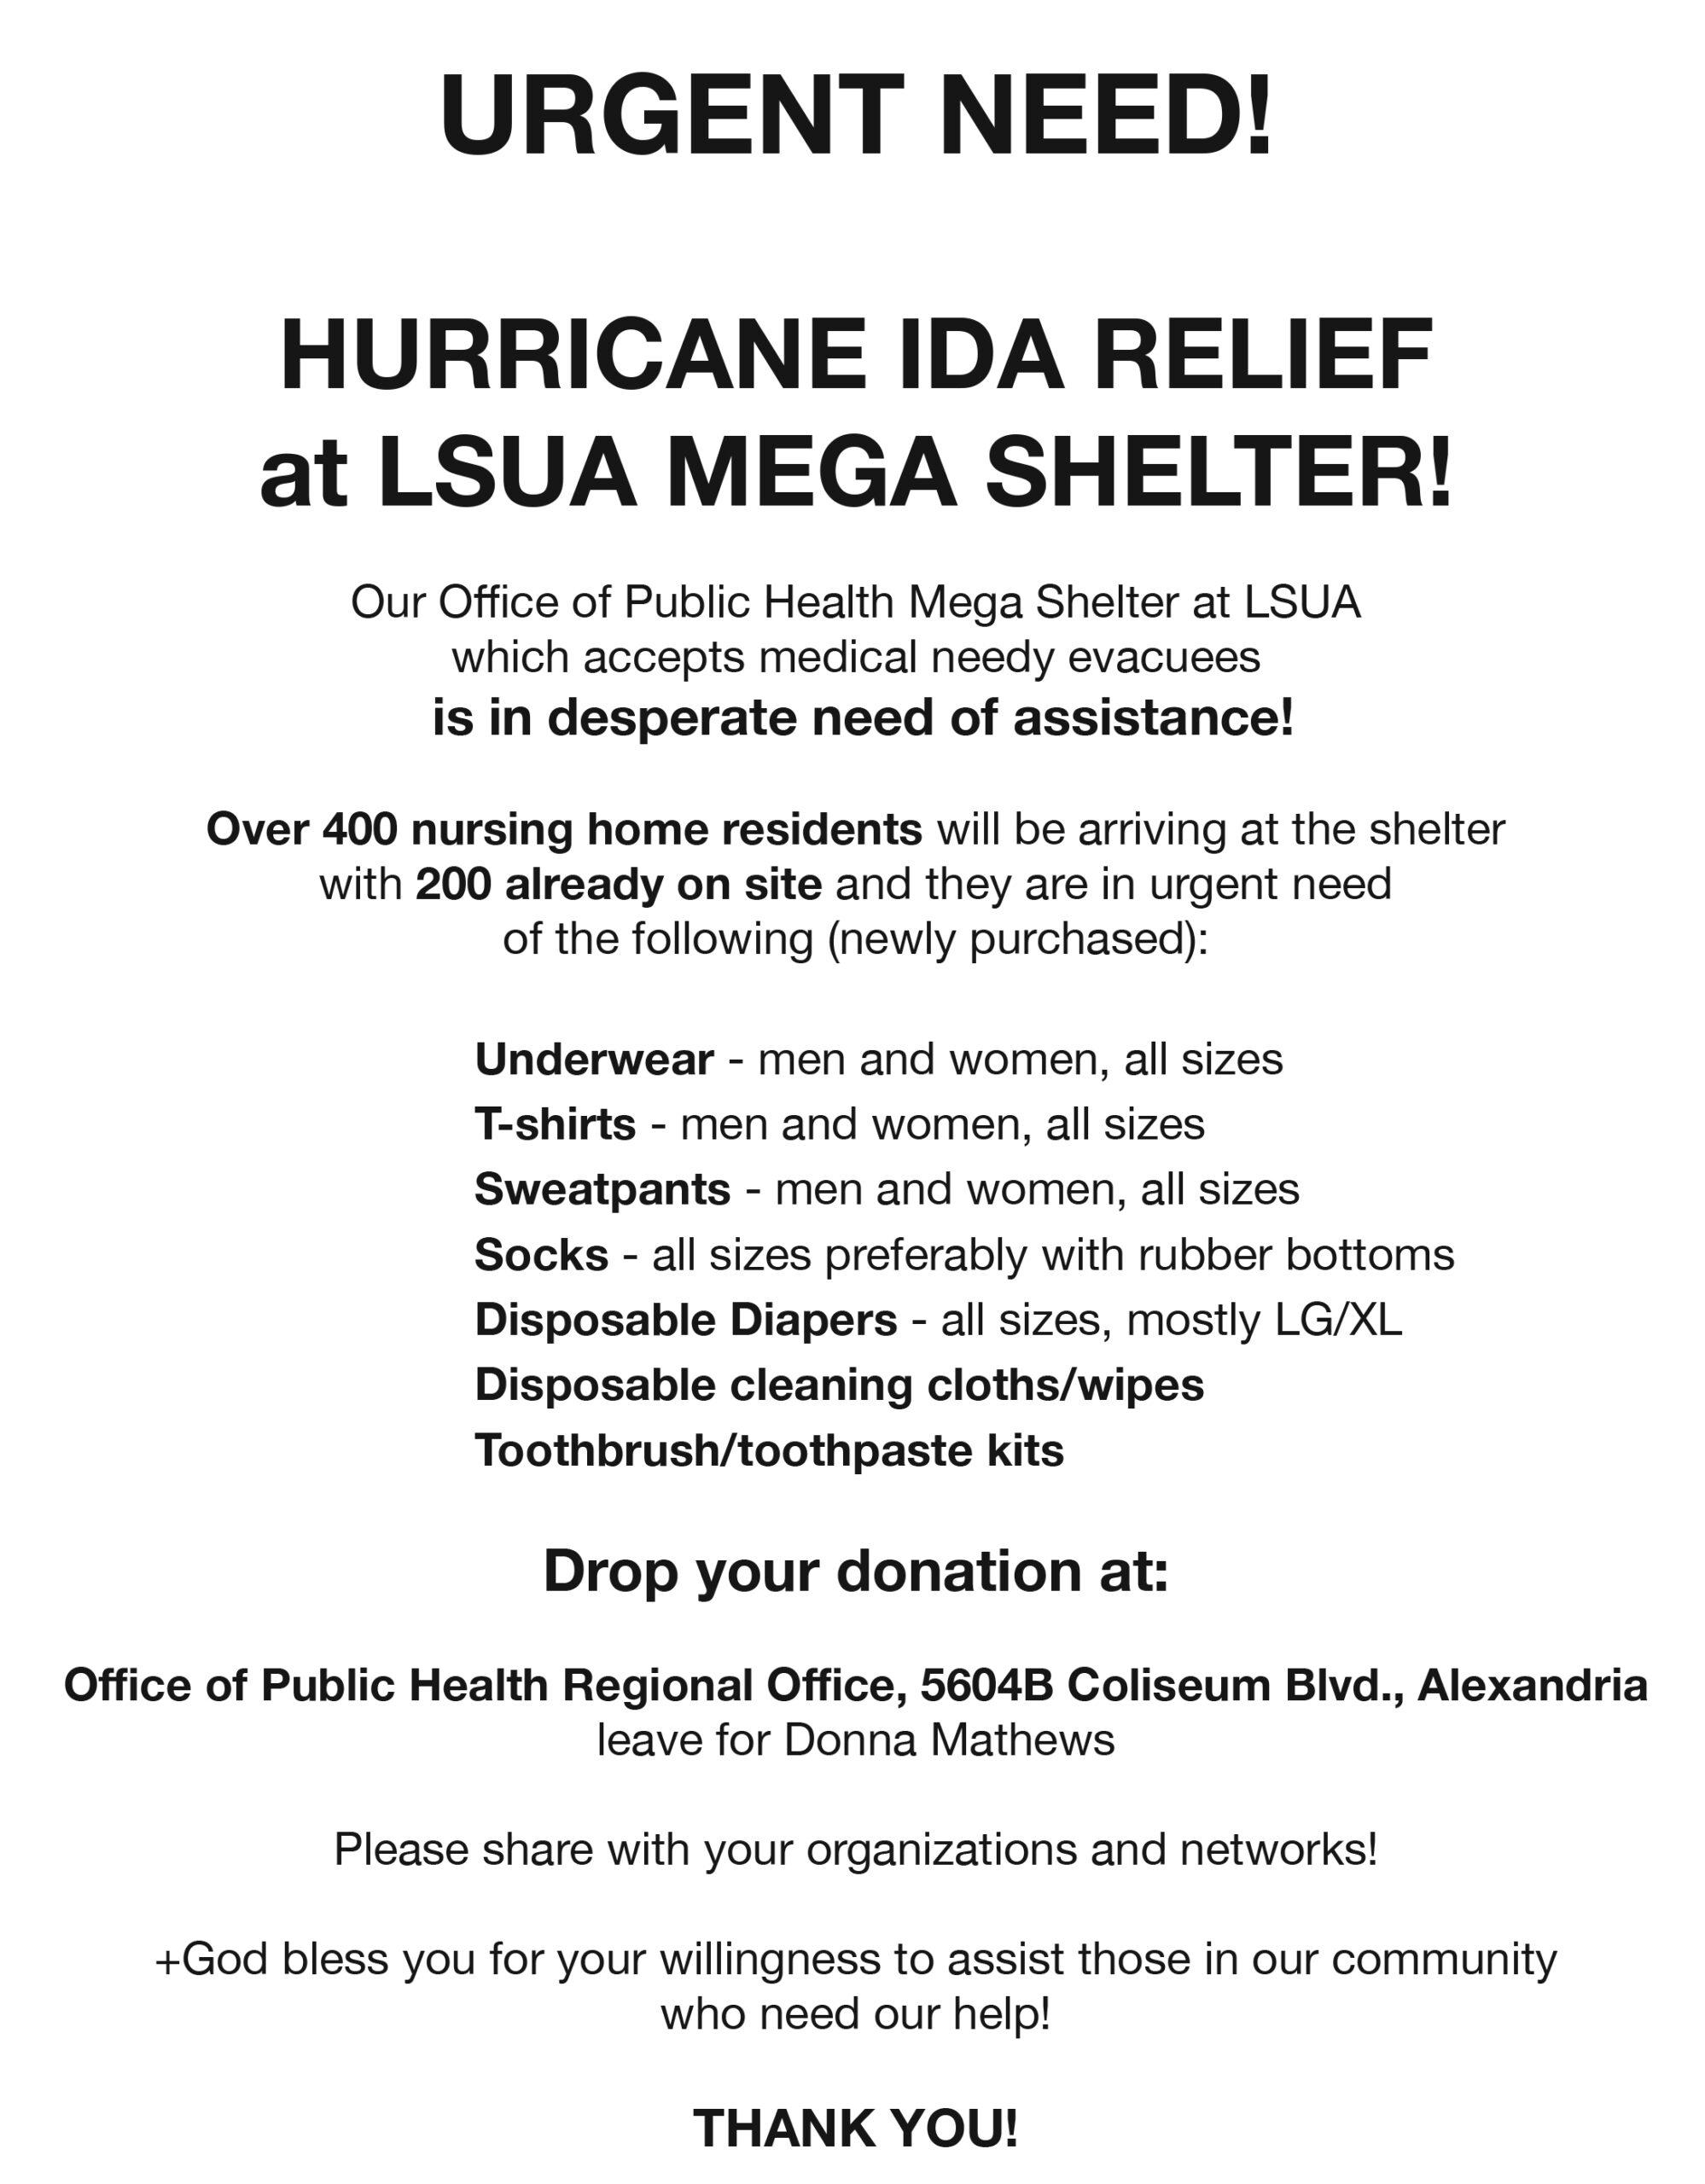 Hurricane Ida relief flyer